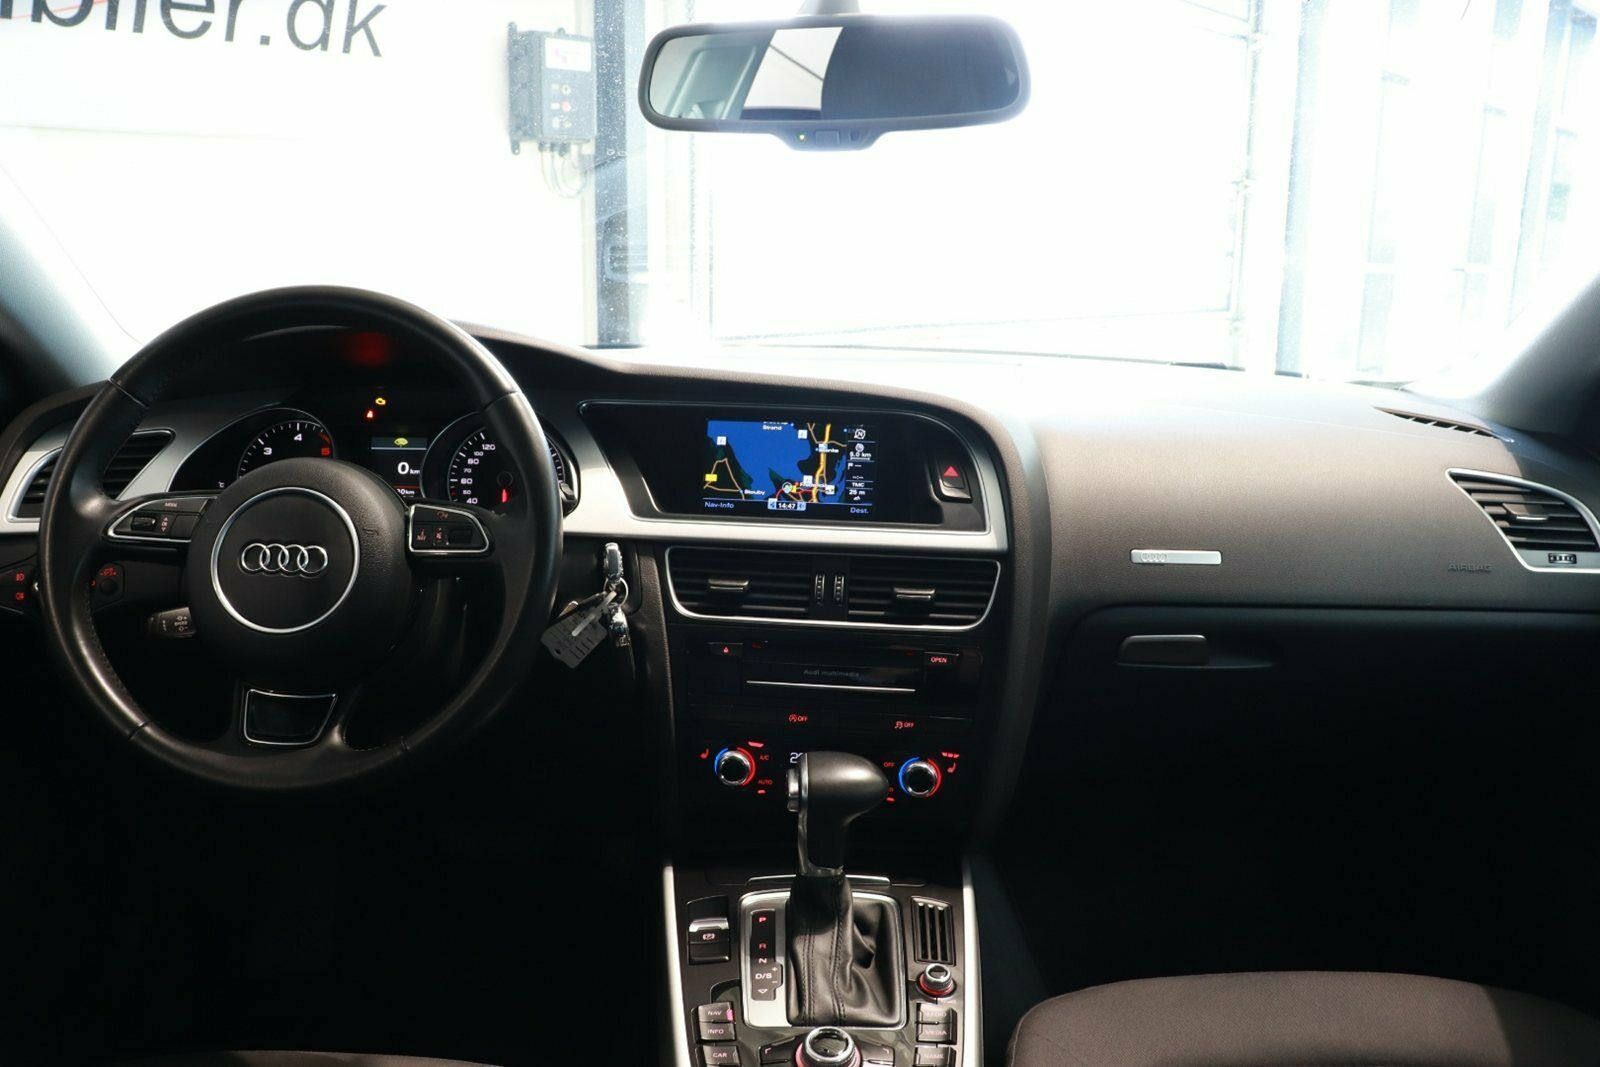 Audi A5 TDi 150 SB Multitr.